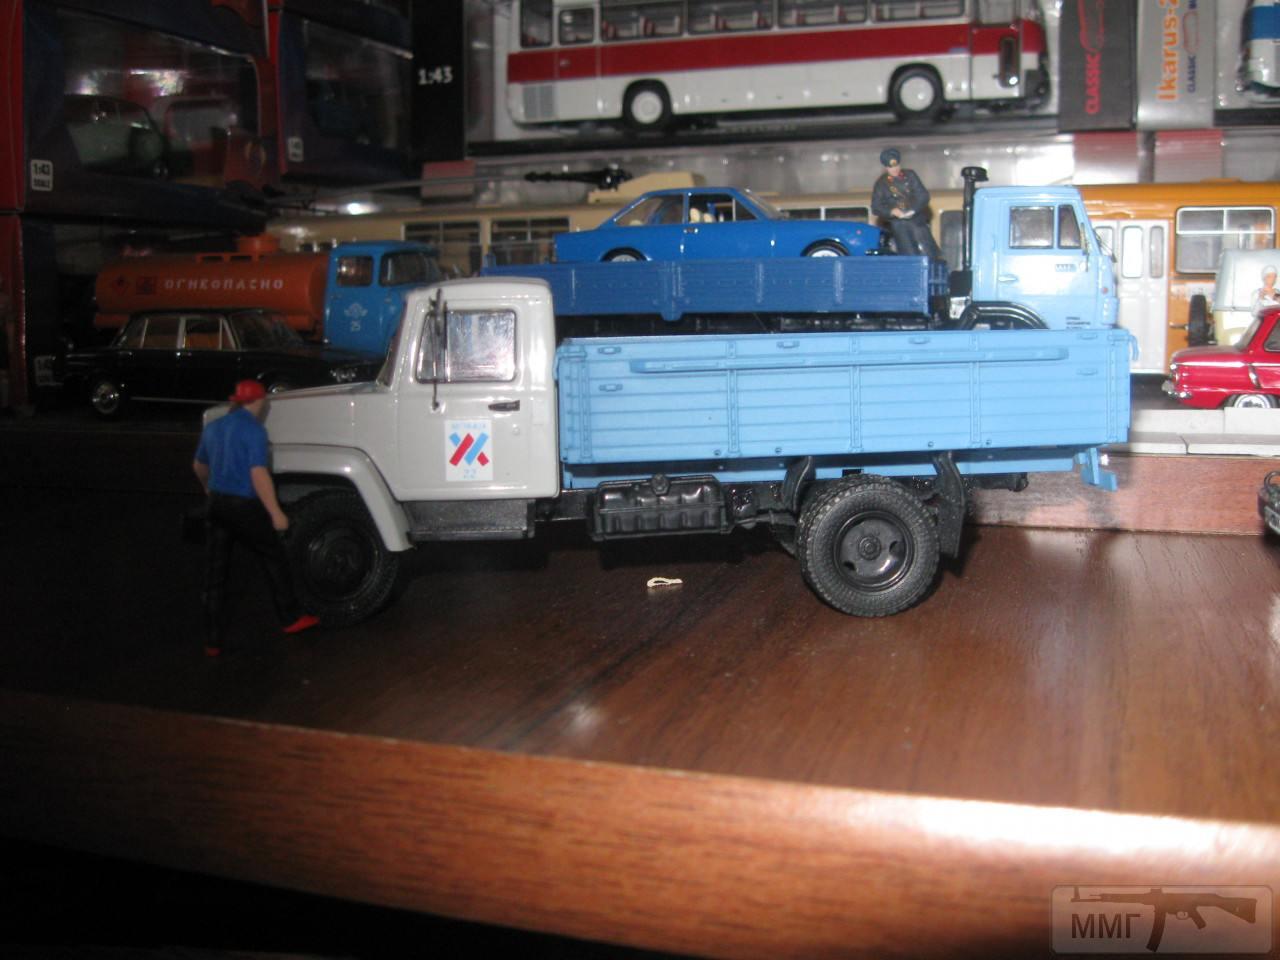 65883 - Модели грузовиков